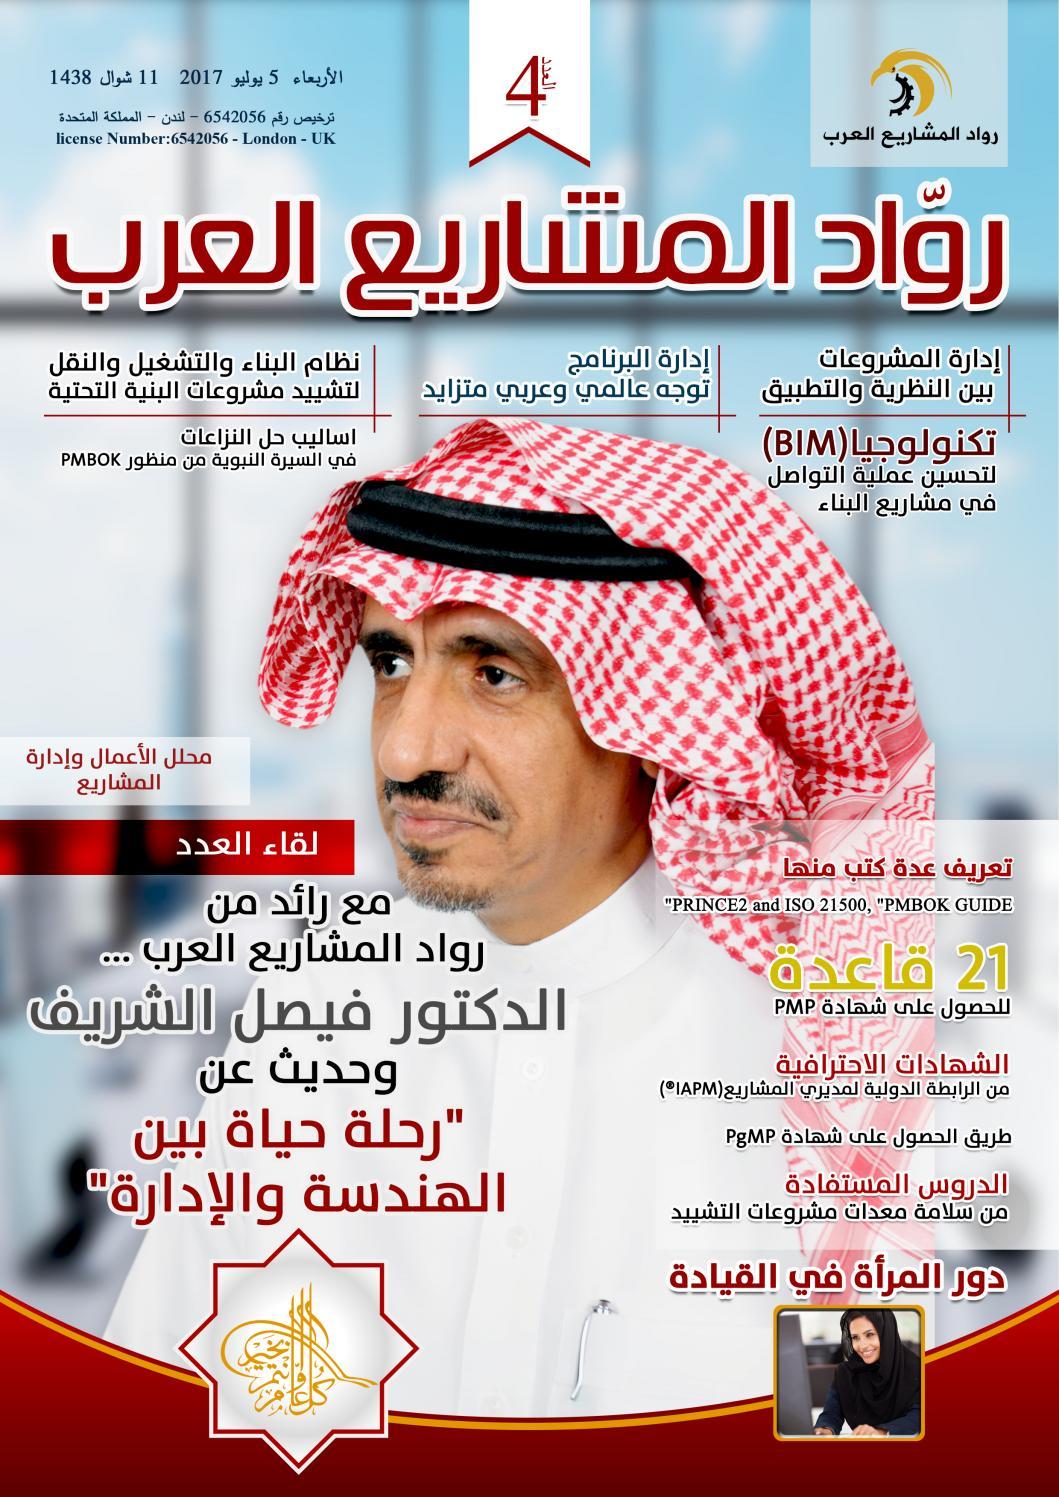 e3adc331d مجلة رواد المشاريع العرب - العدد الرابع by Rwaad PM - issuu